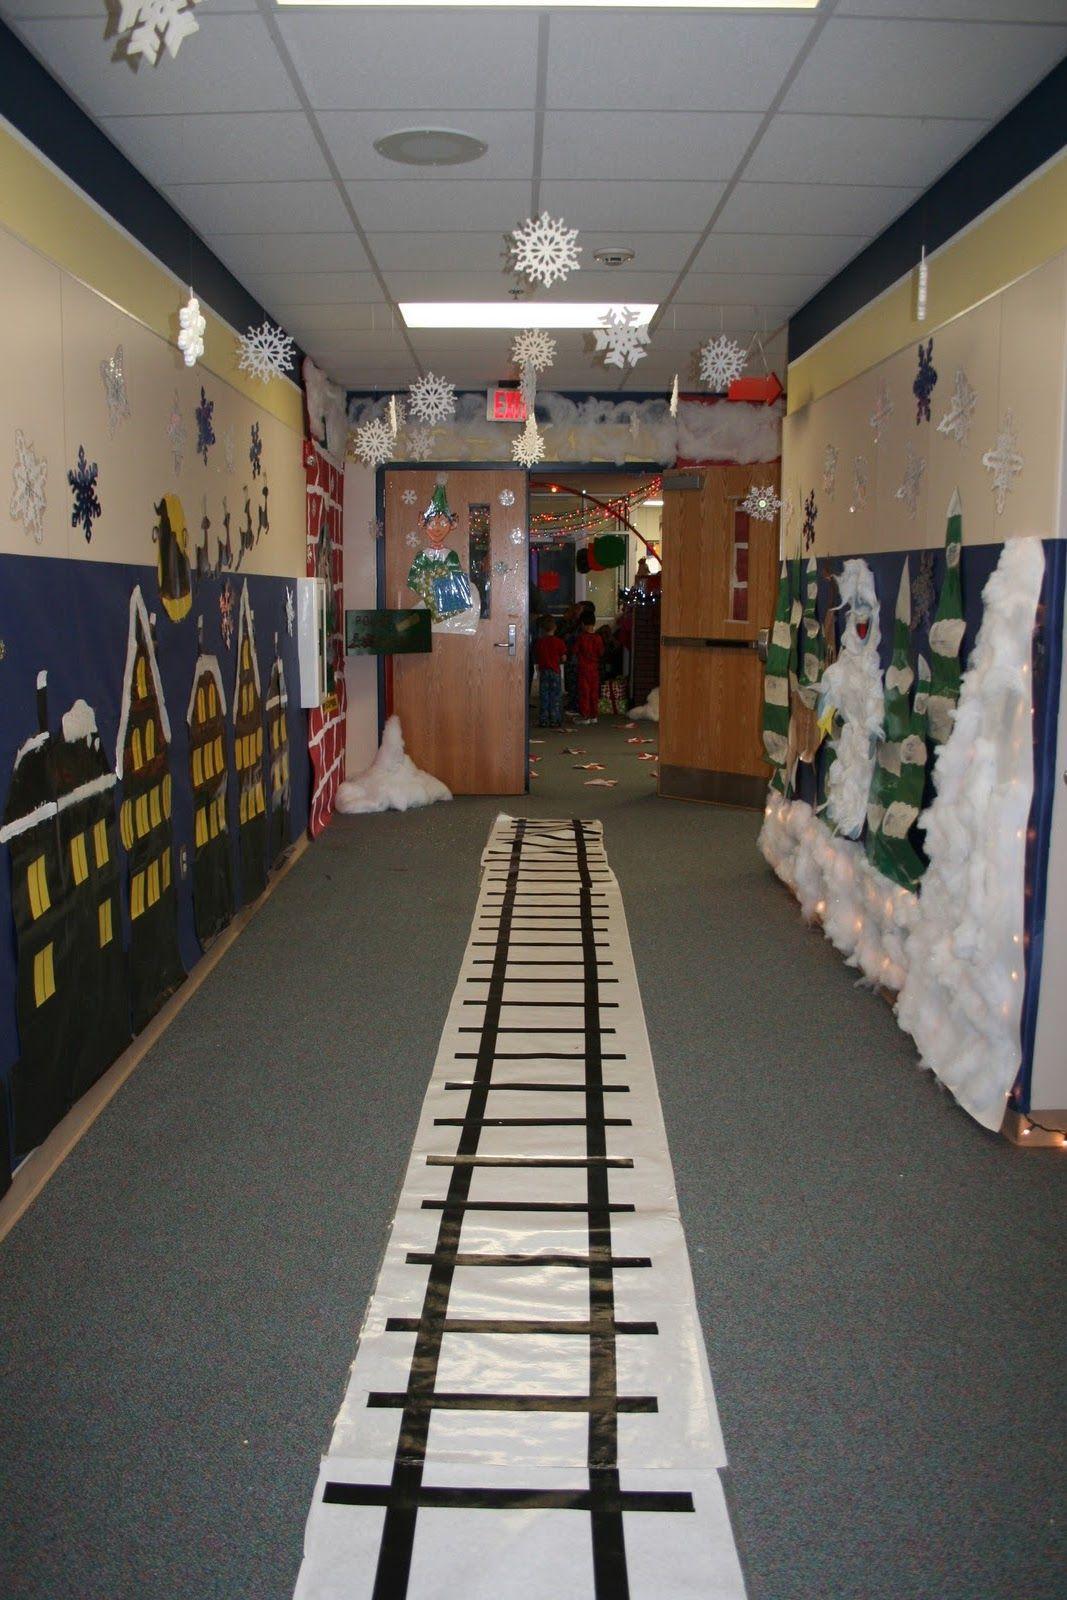 Train Track On Floor